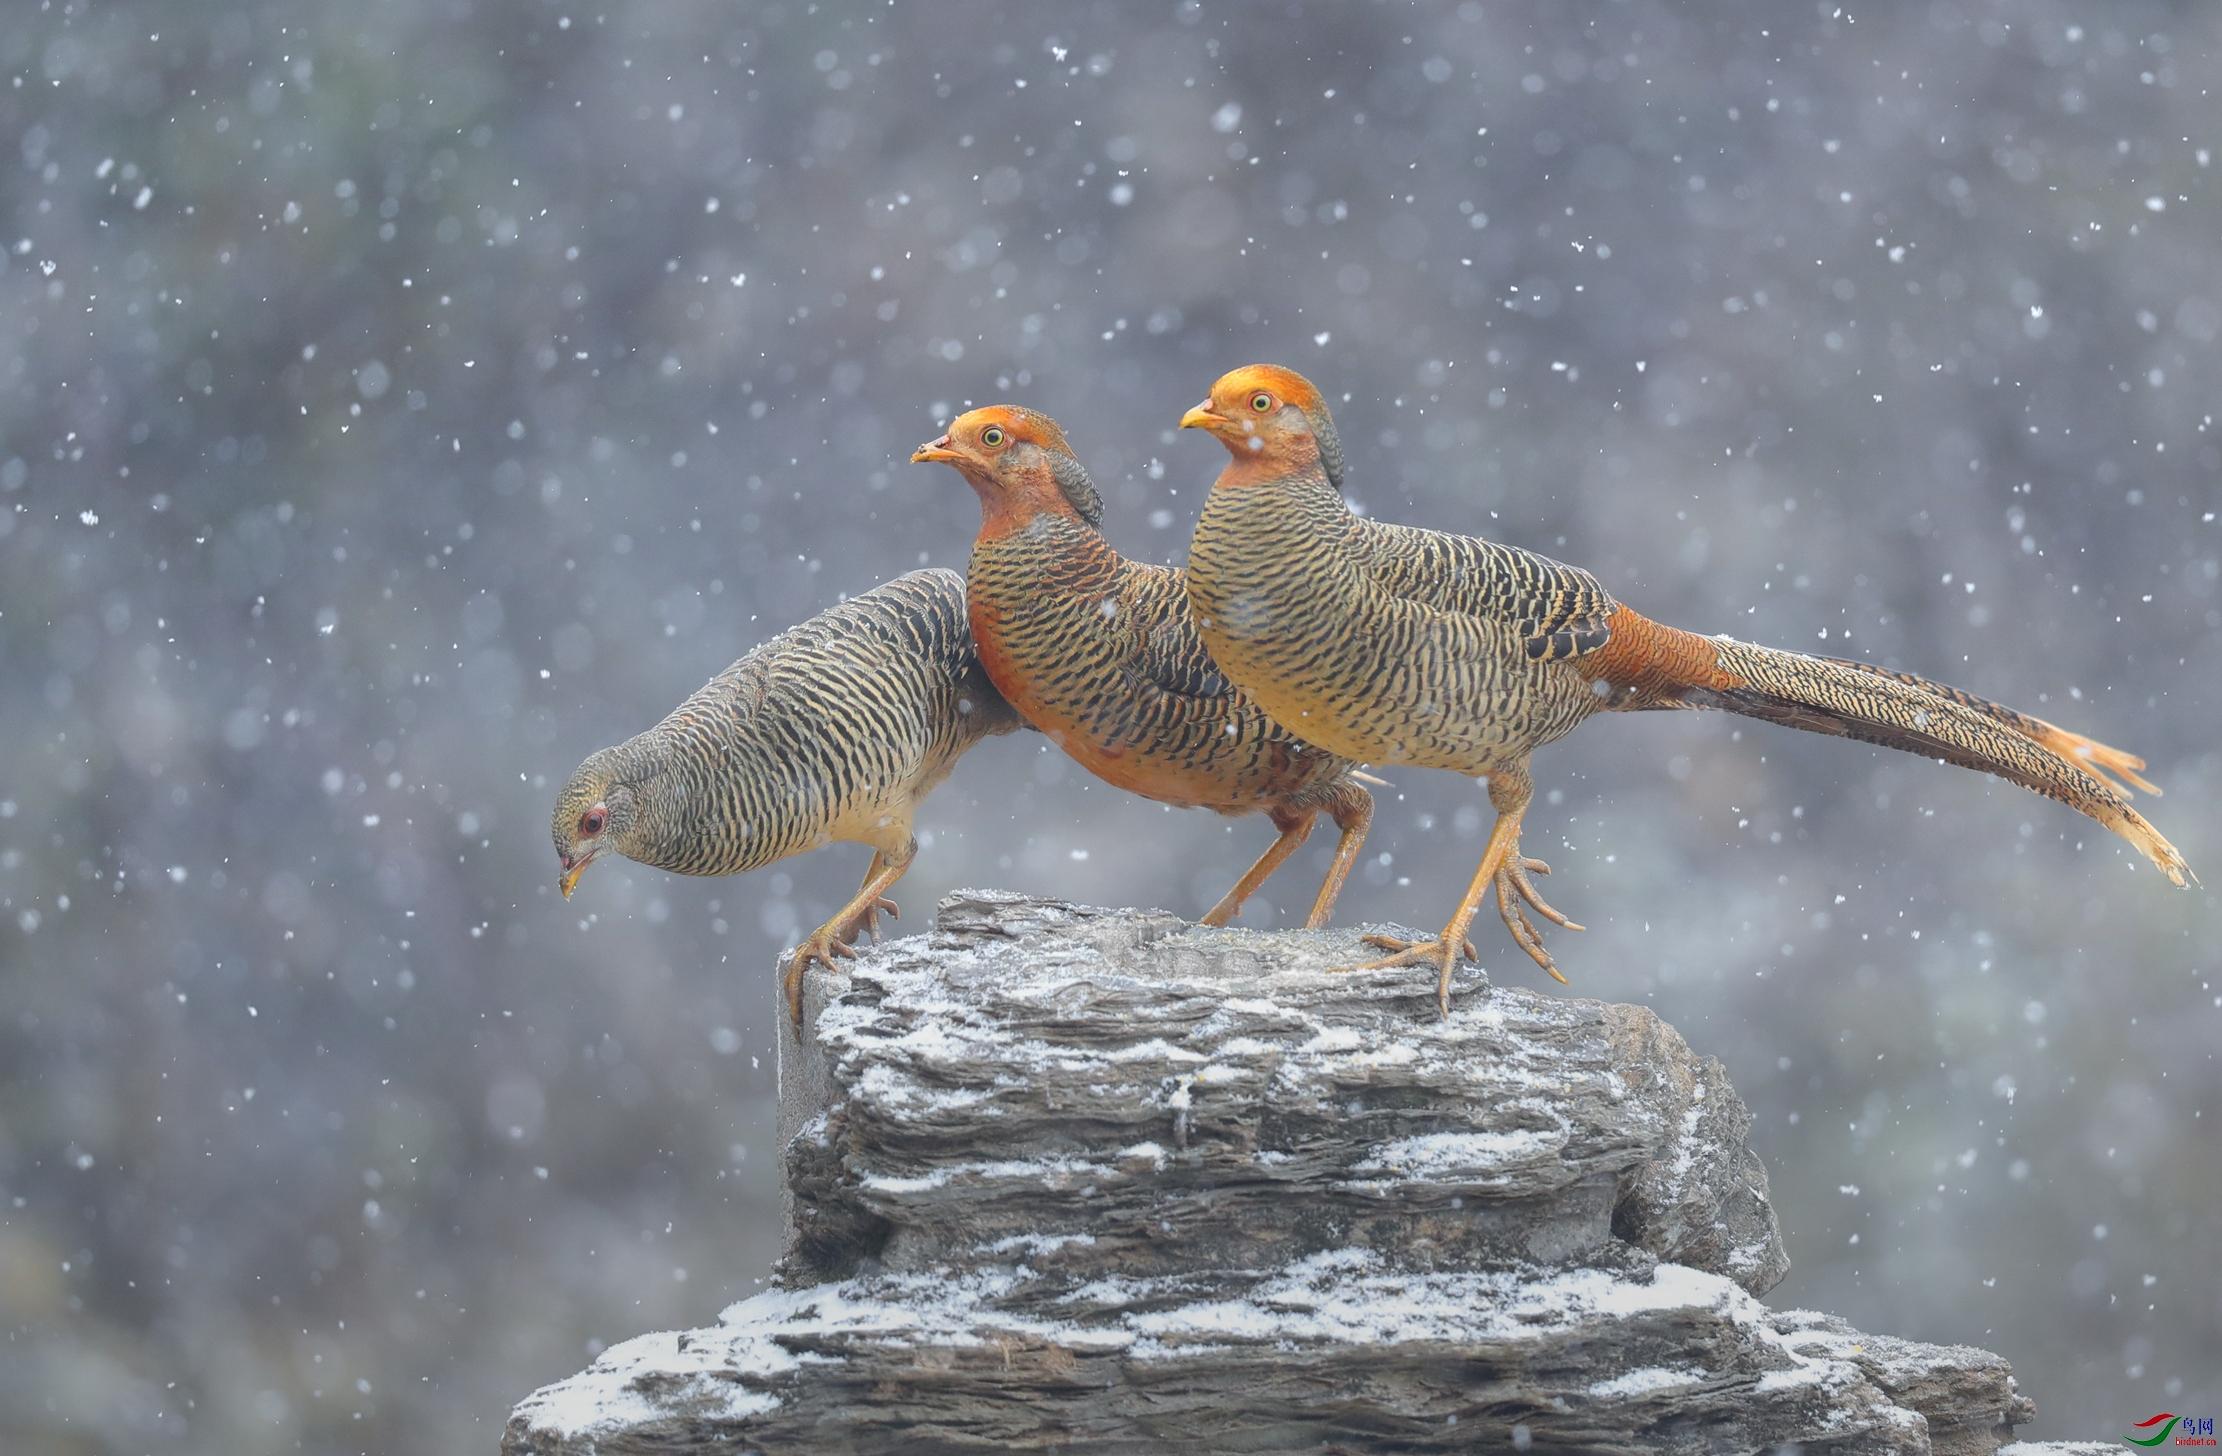 雪中红鸡.jpg